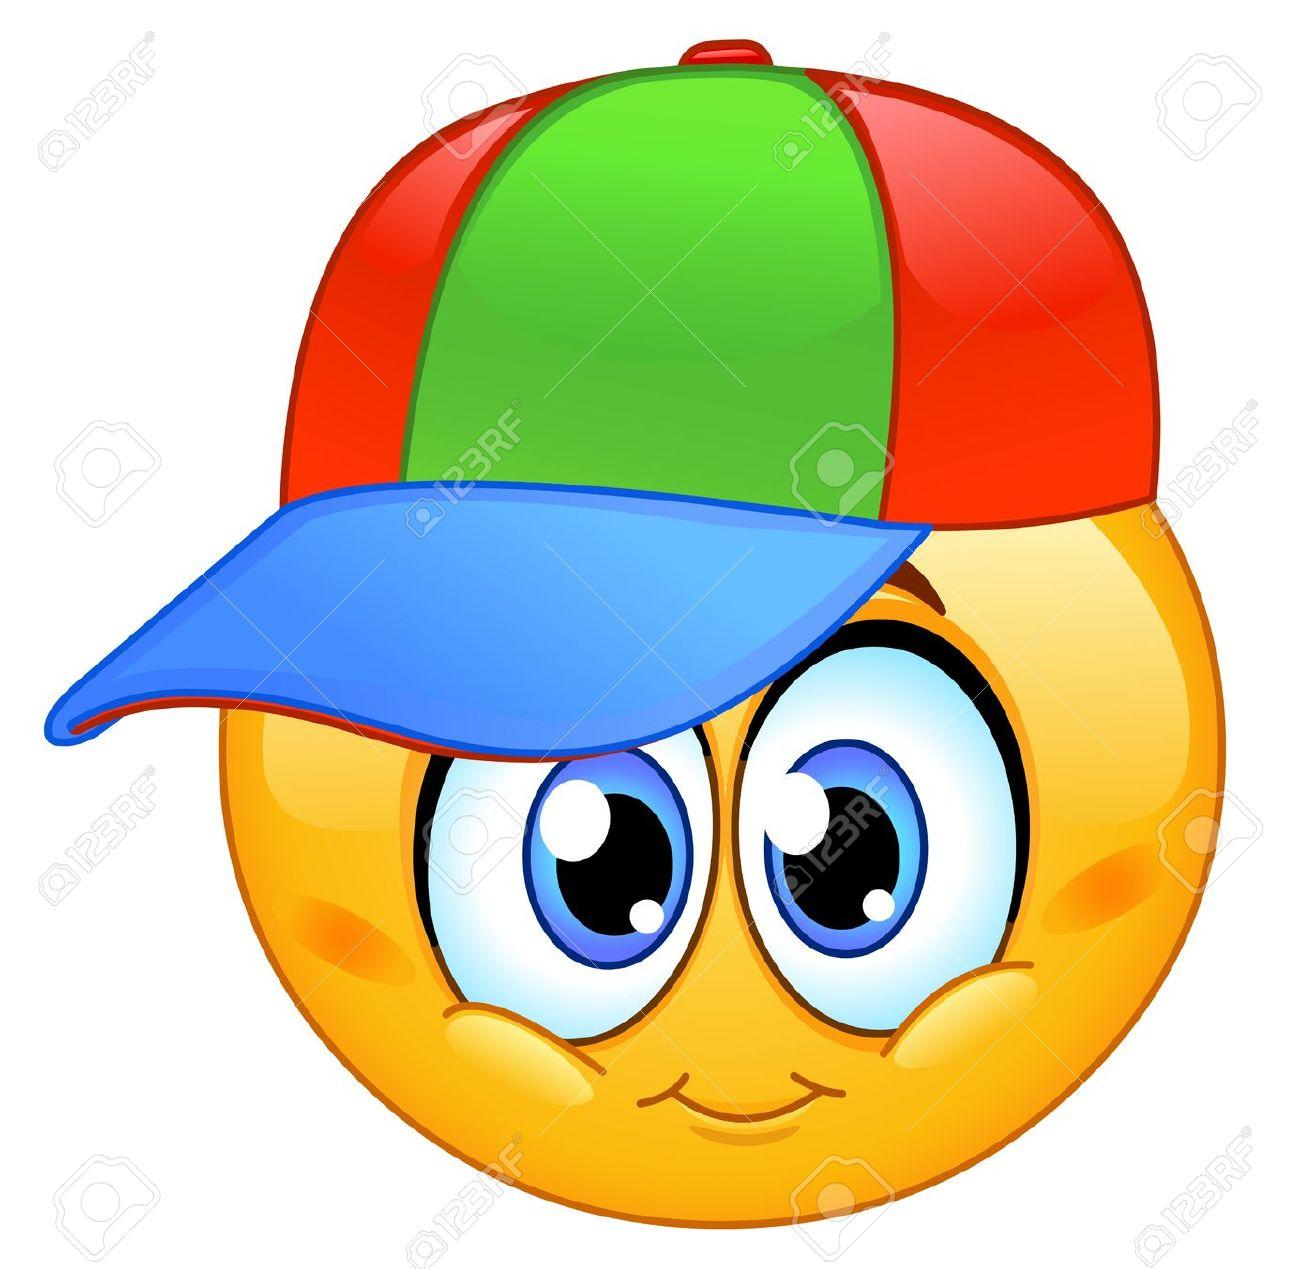 Cute clipart kid ball cap.